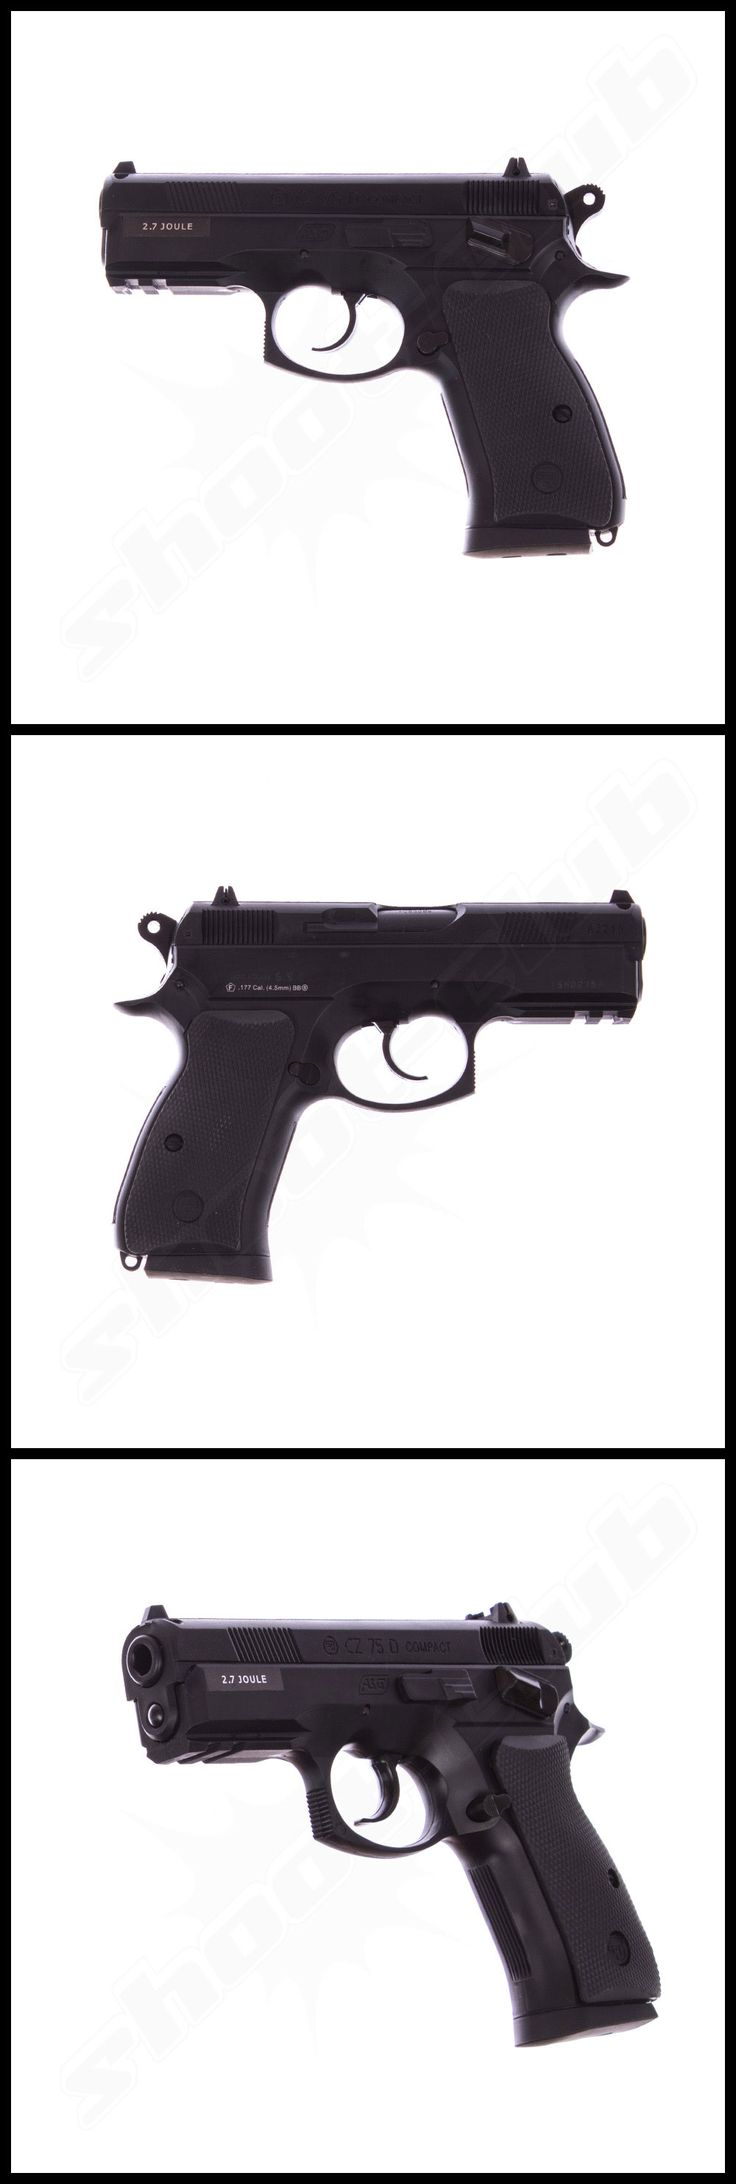 Brünner CZ 75D Compact CO2 Pistole Non Blow Back  4,5mm Stahlkugeln   - Weitere Informationen und Produkte findet ihr auf www.shoot-club.de -    #shootclub #gun #pistol #cz #Pistole